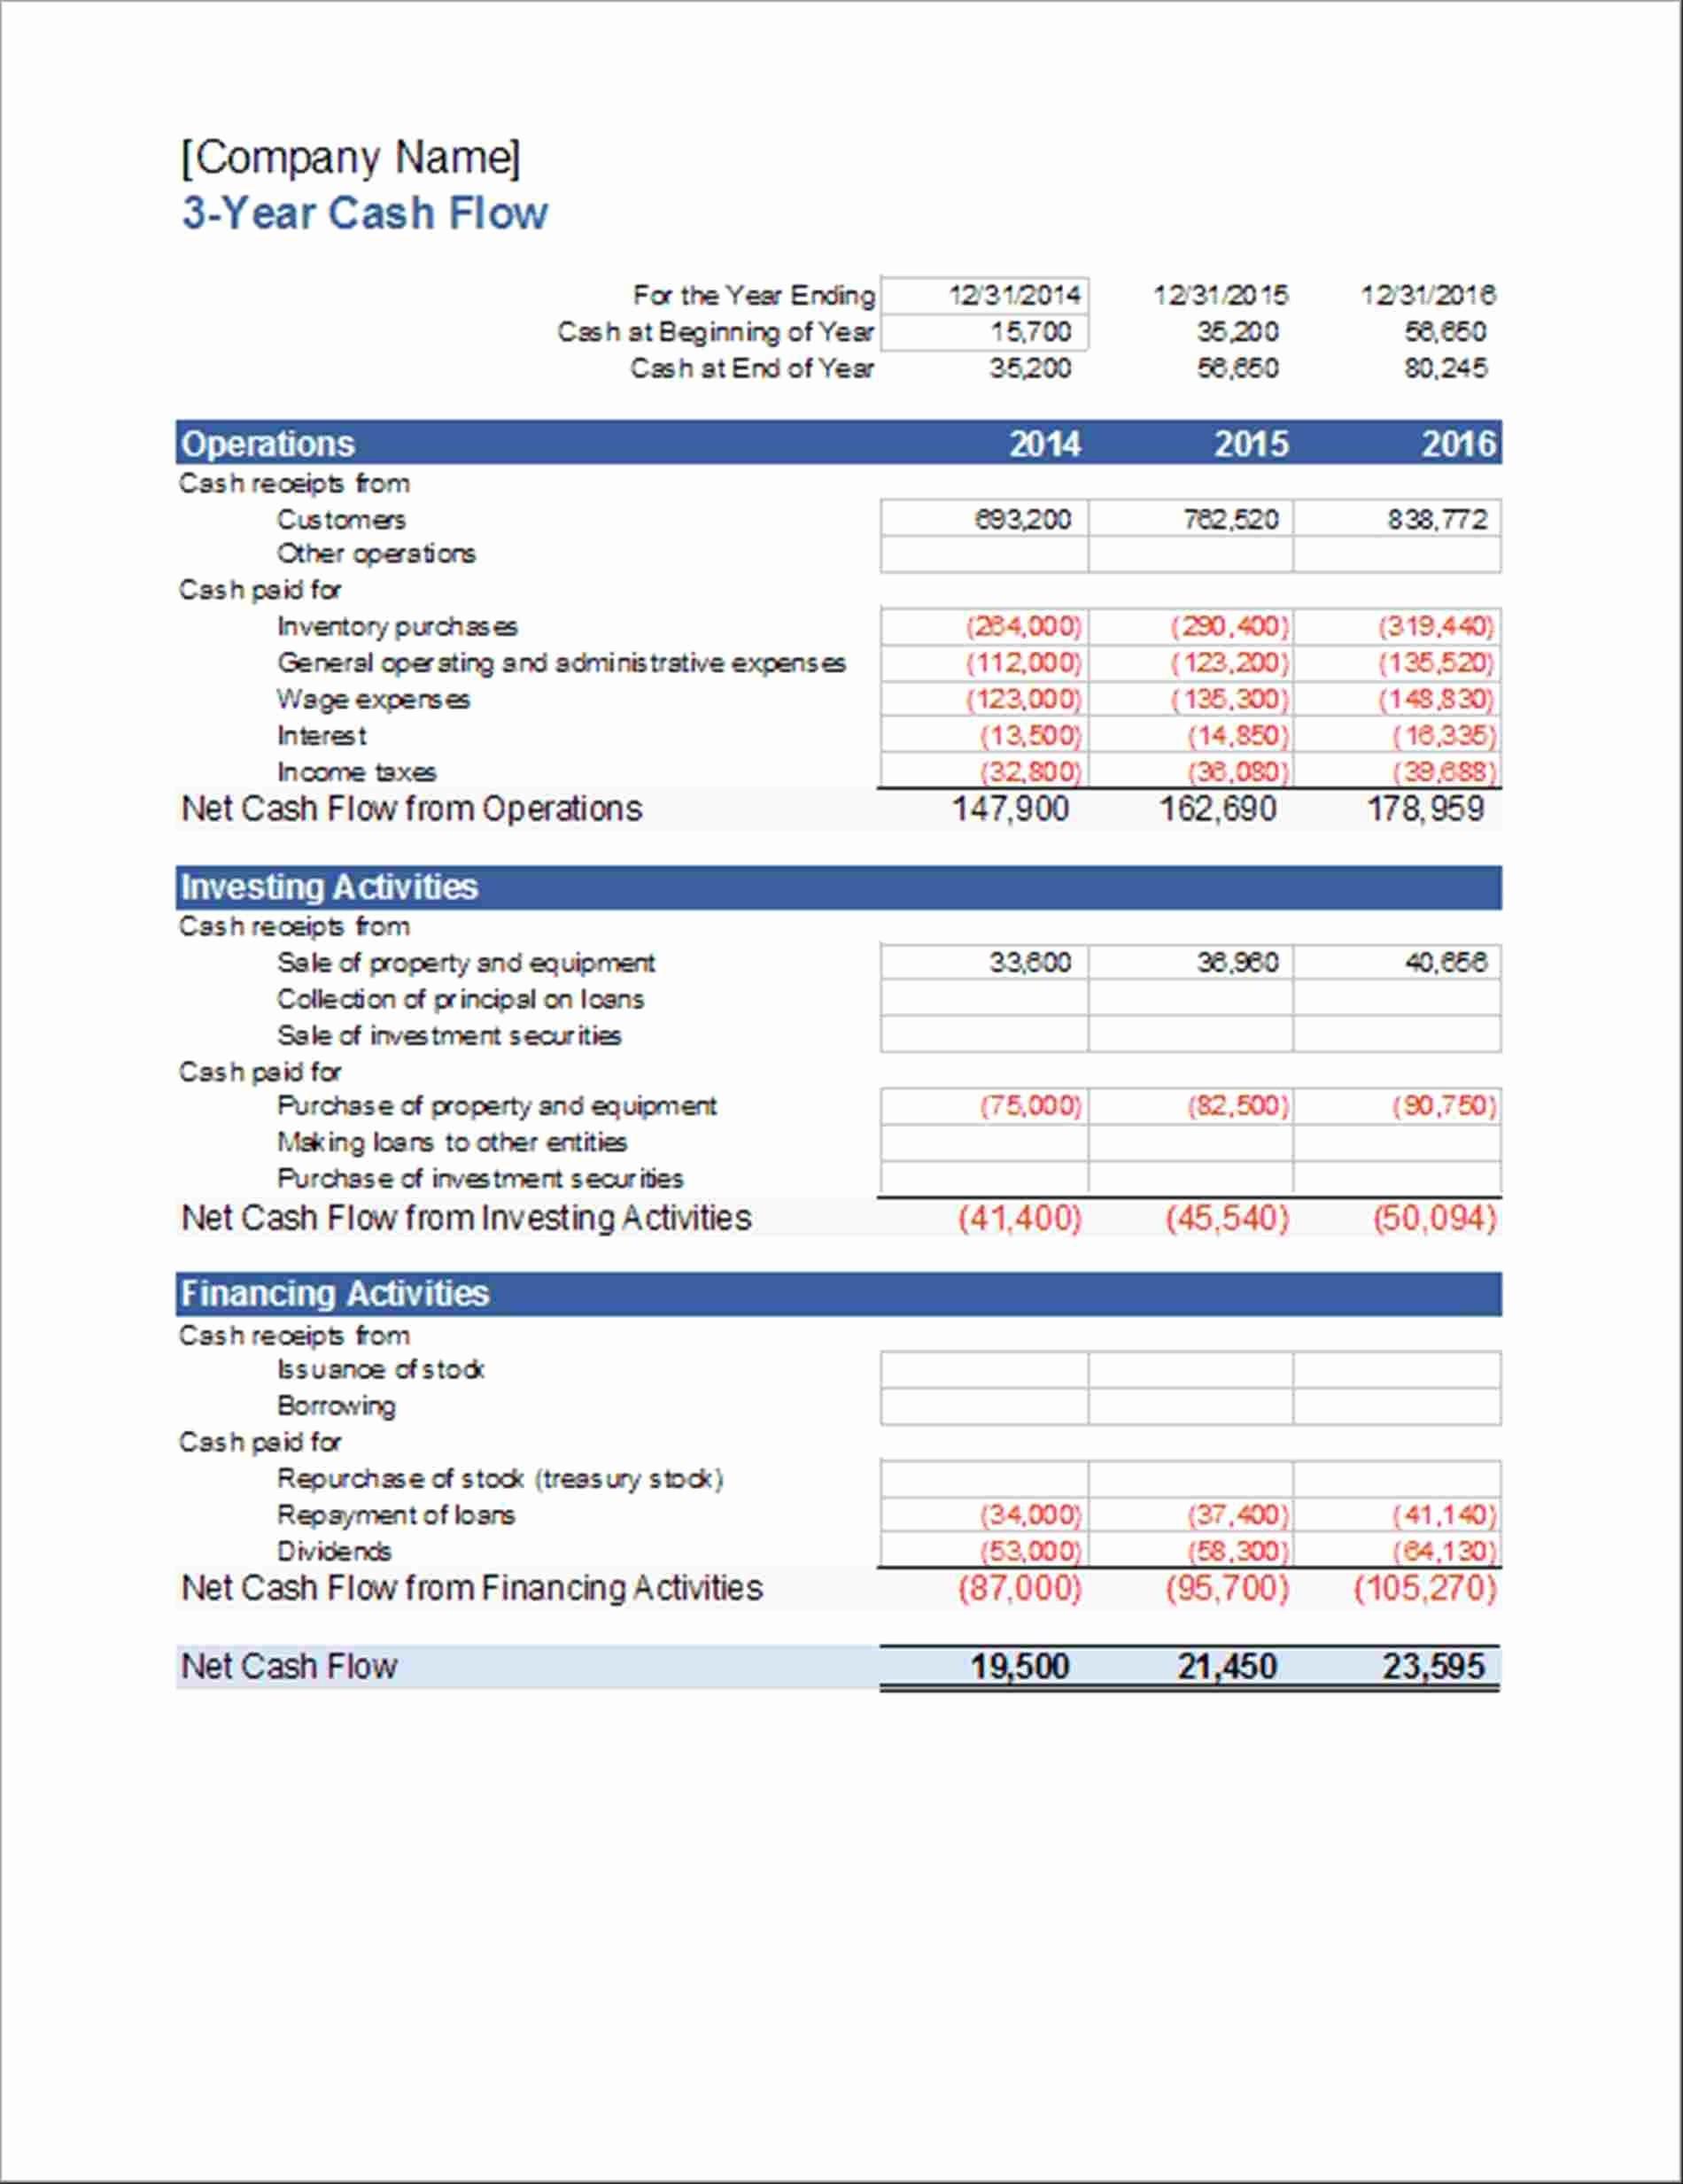 Uca Cash Flow Excel Template Lovely Uca Cash Flow Excel Template Template Designs and Ideasuca